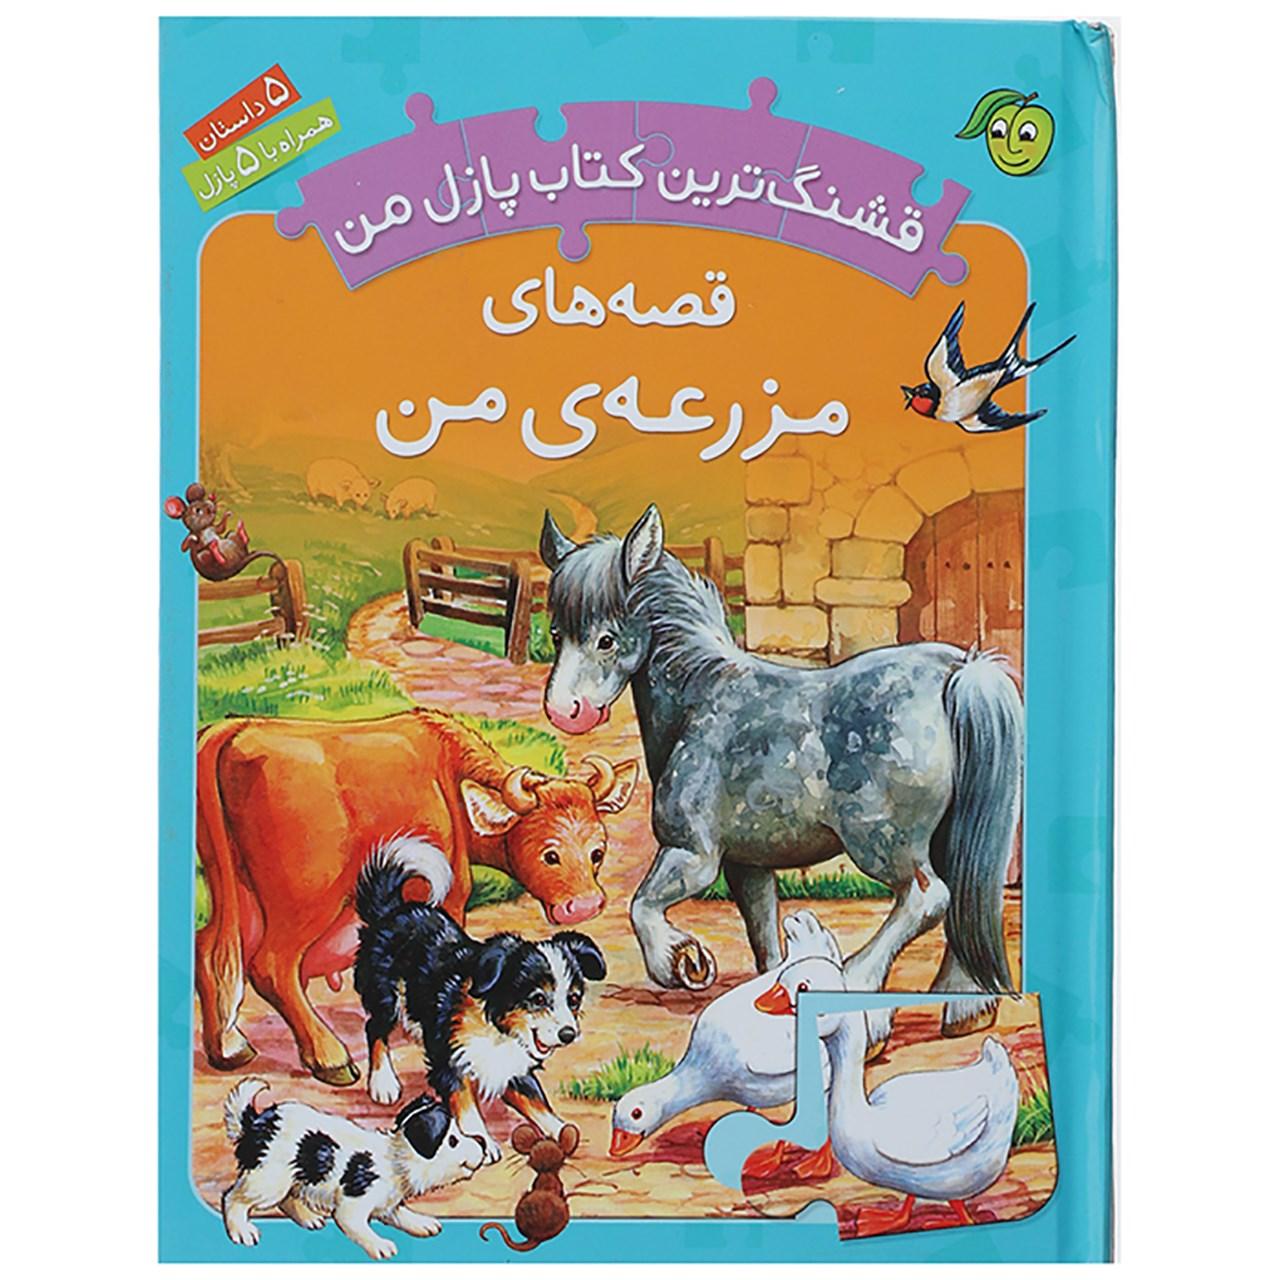 کتاب قصه های مزرعه ی من قشنگ ترین کتاب پازل من